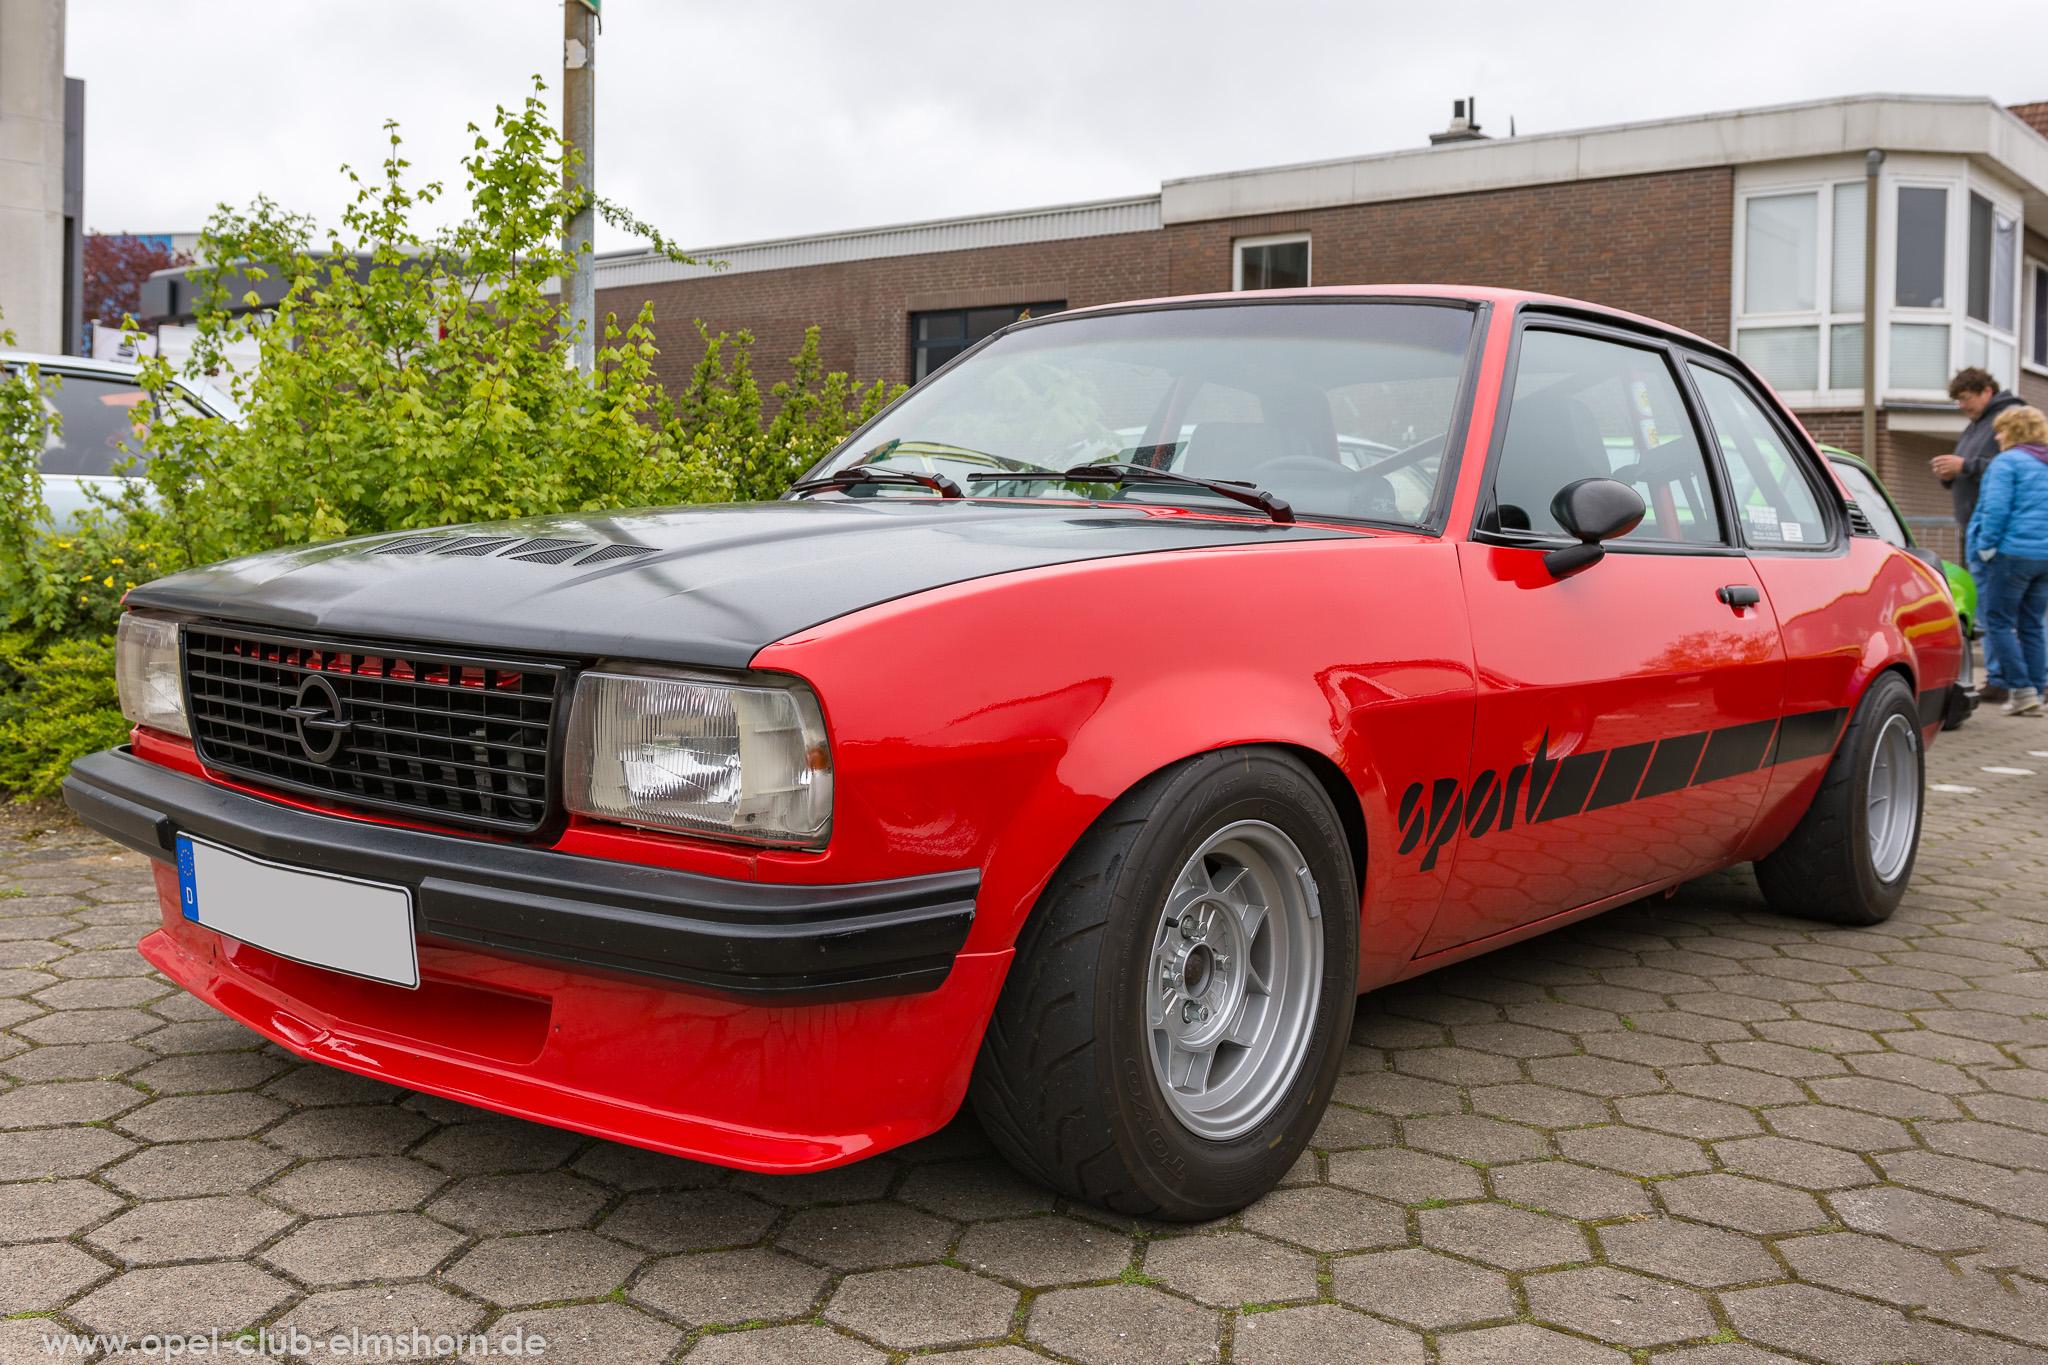 Altopeltreffen Wedel 2019 - 20190501_114147 - Opel Ascona B